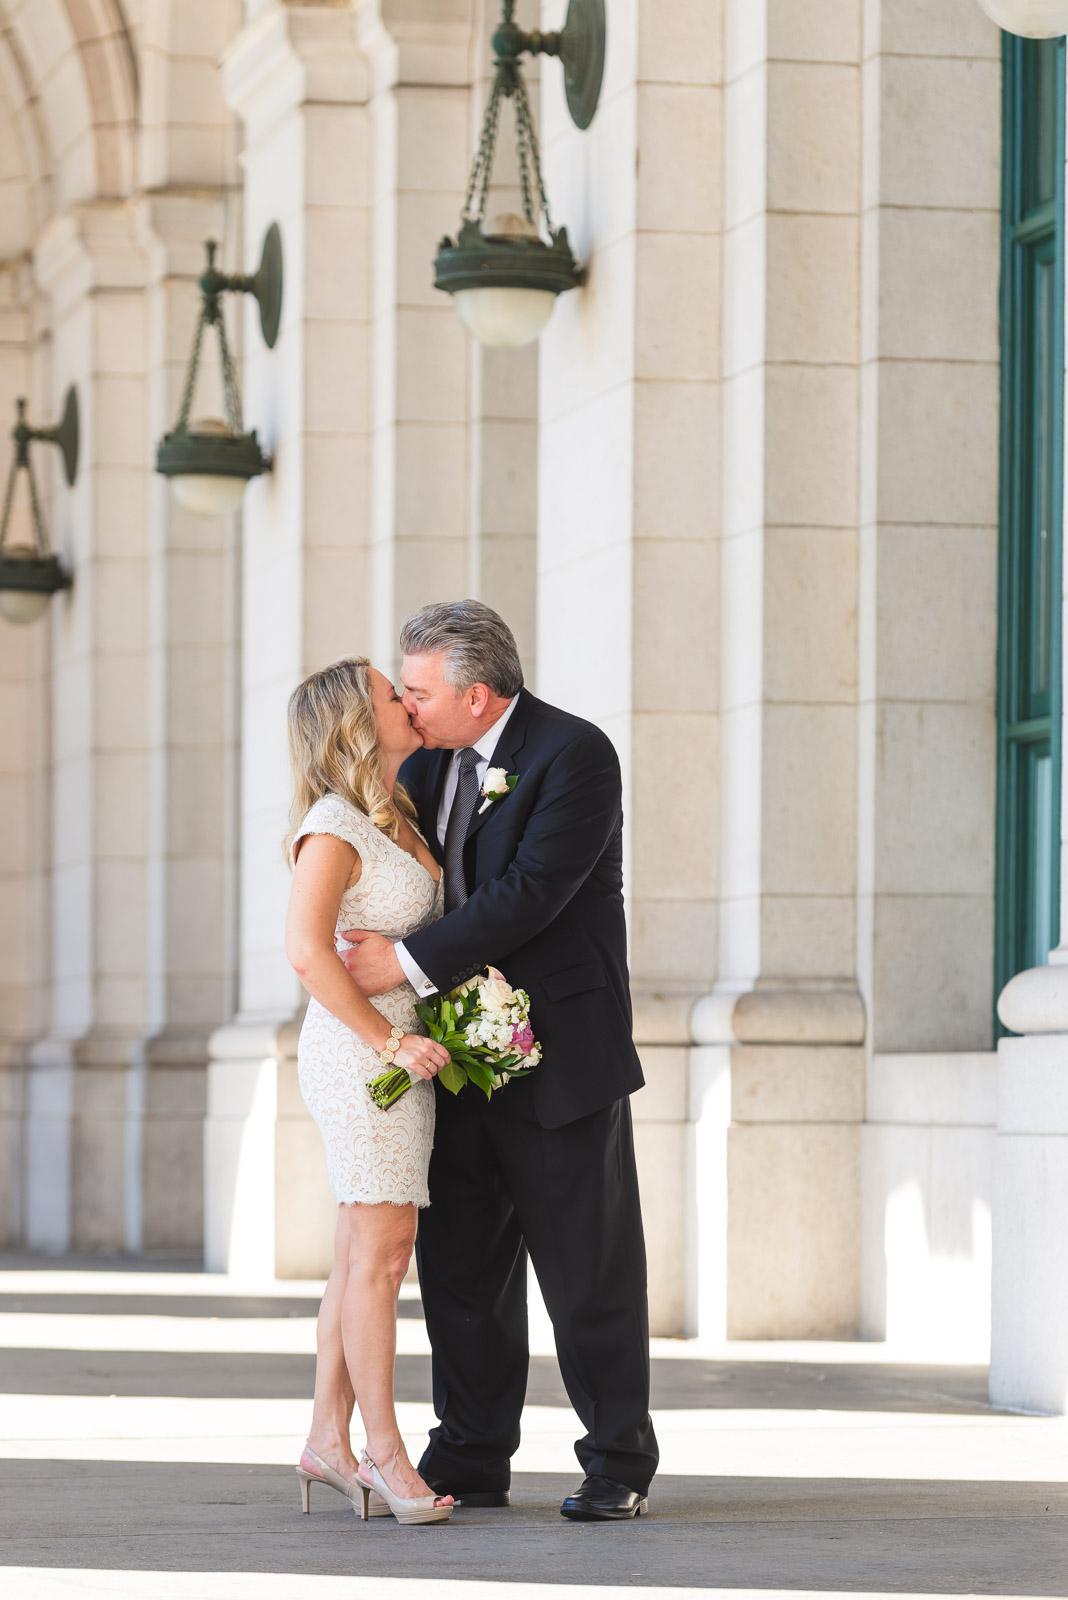 phill-cherie-wedding-016-blog.jpg